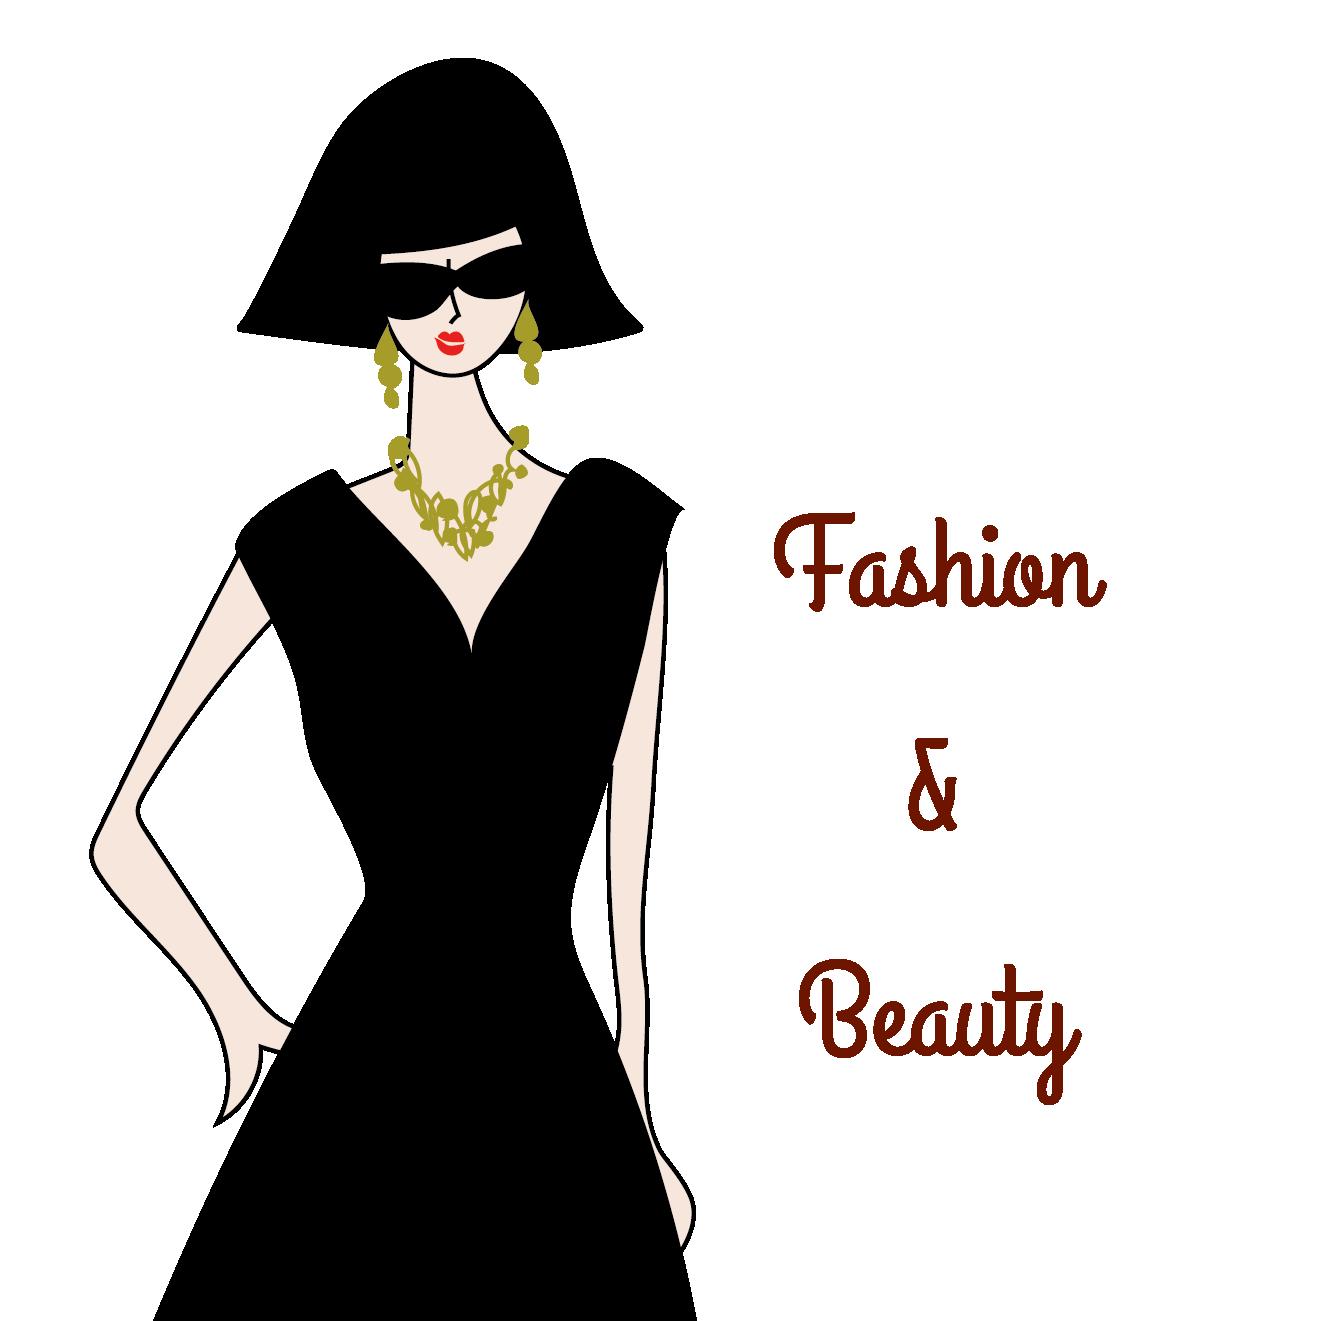 ボブヘアー女性がオシャレな夏服黒ワンピースドレスを着たイラスト